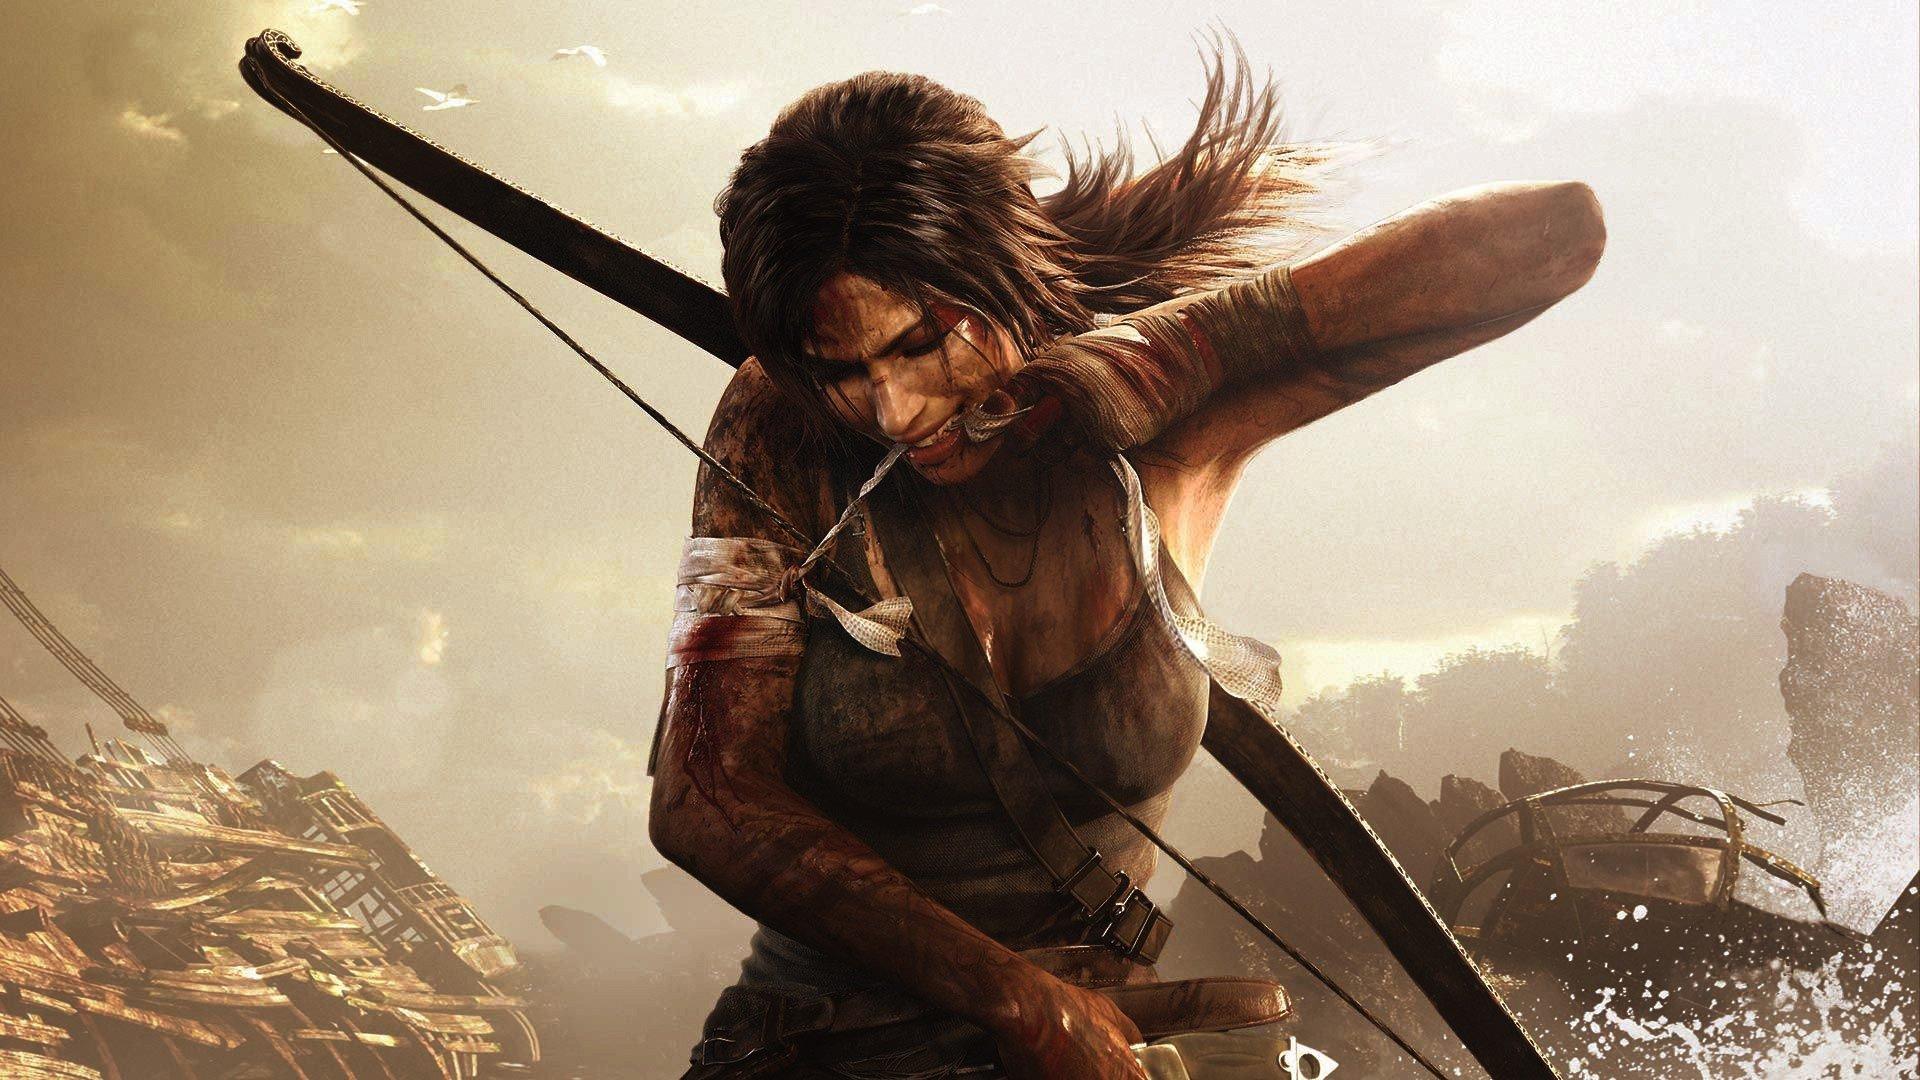 PS4 Gives Lara Croft's Hair a Lift in Tomb Raider ...